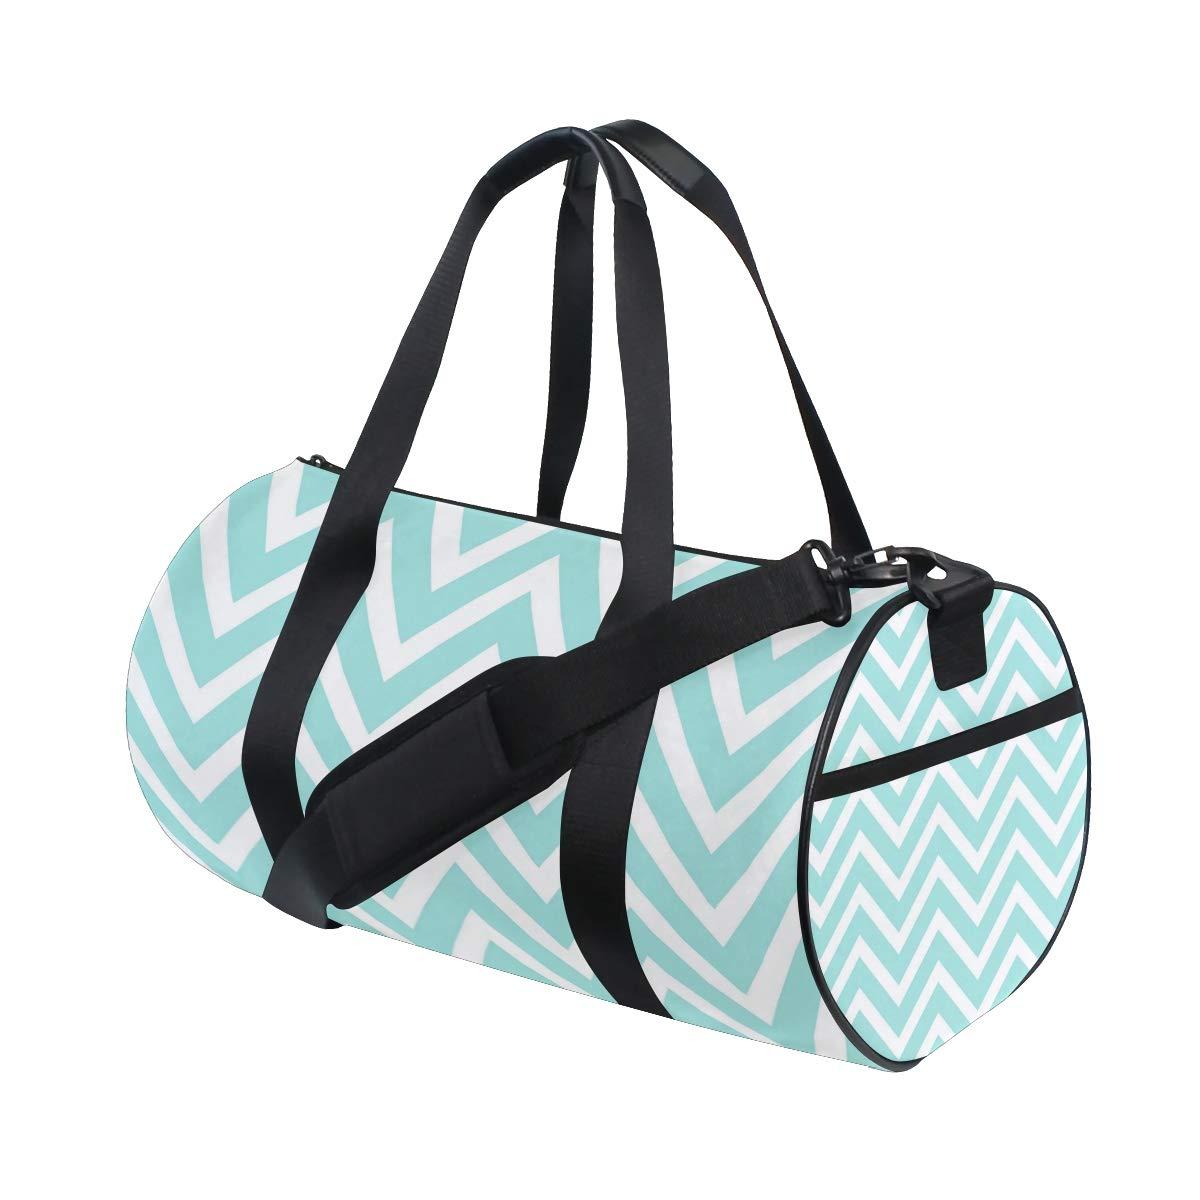 OuLian Women Gym Bag Zigzags Pattern Blue Mens Camp Duffel Bags Duffle Luggage Travel Bag